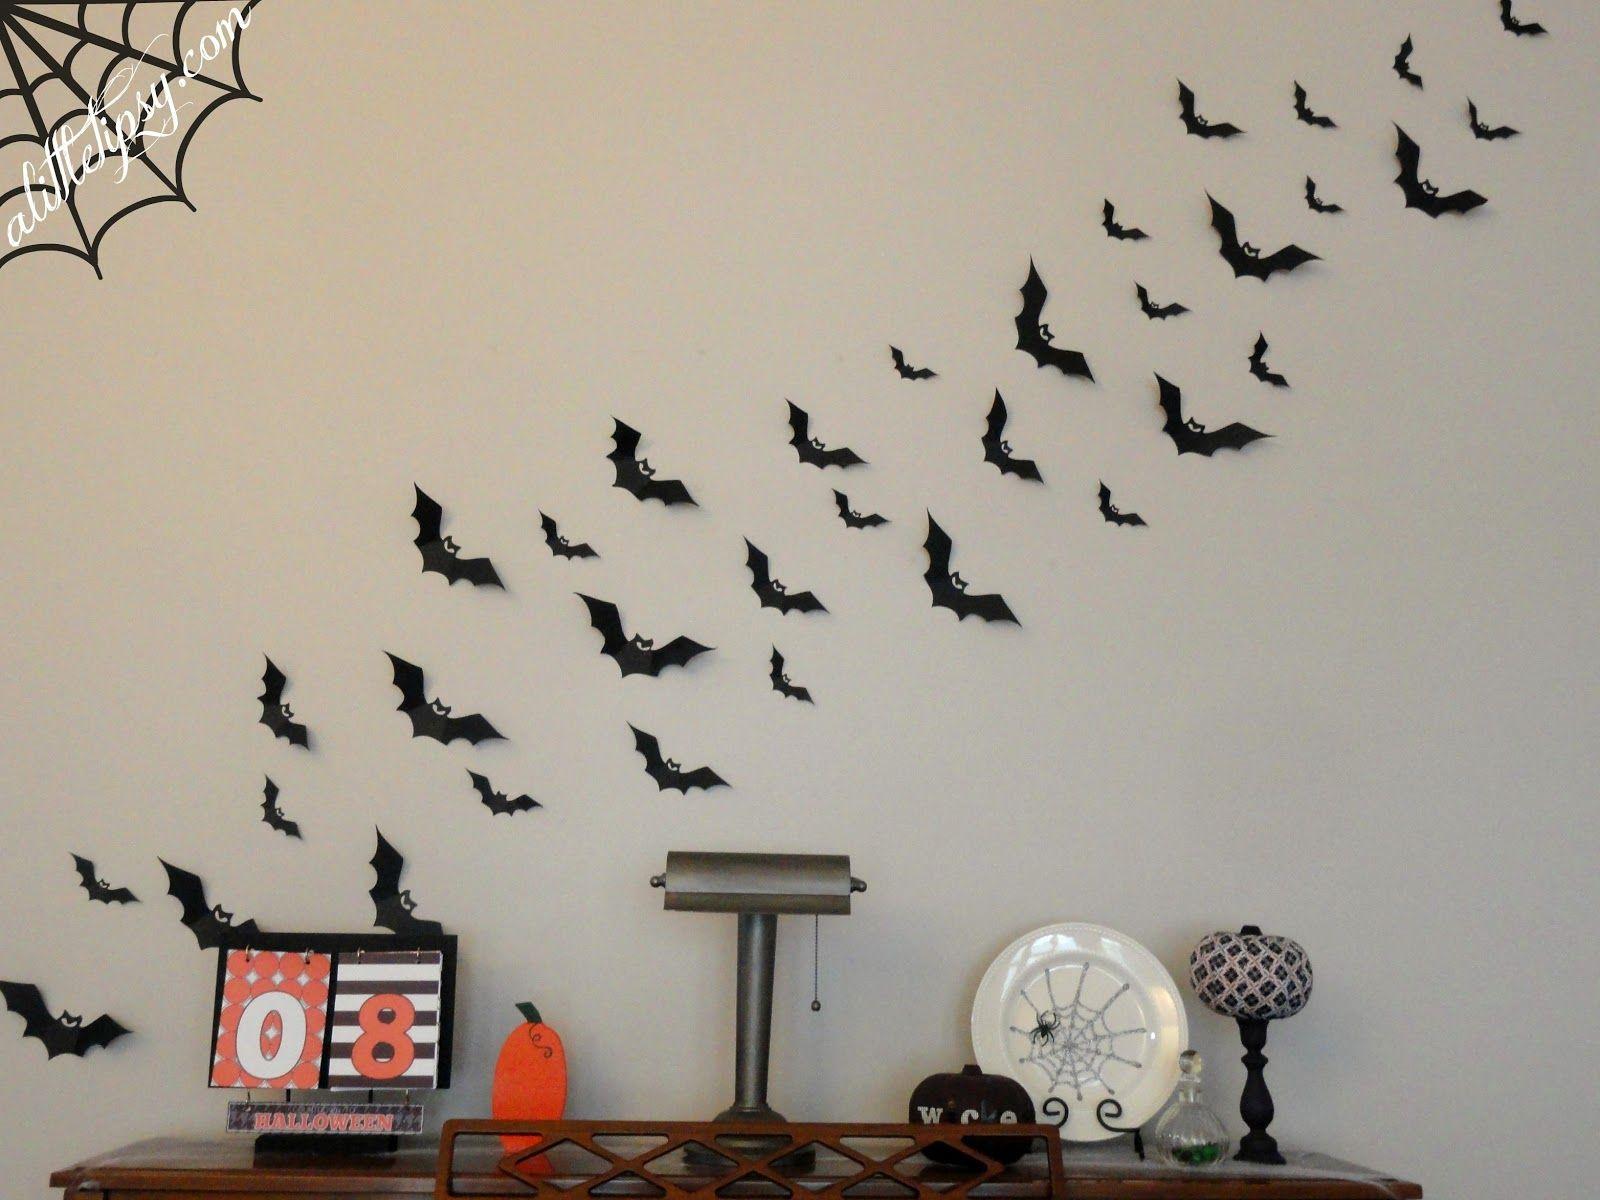 How To Make Bats Paper Bat Wall